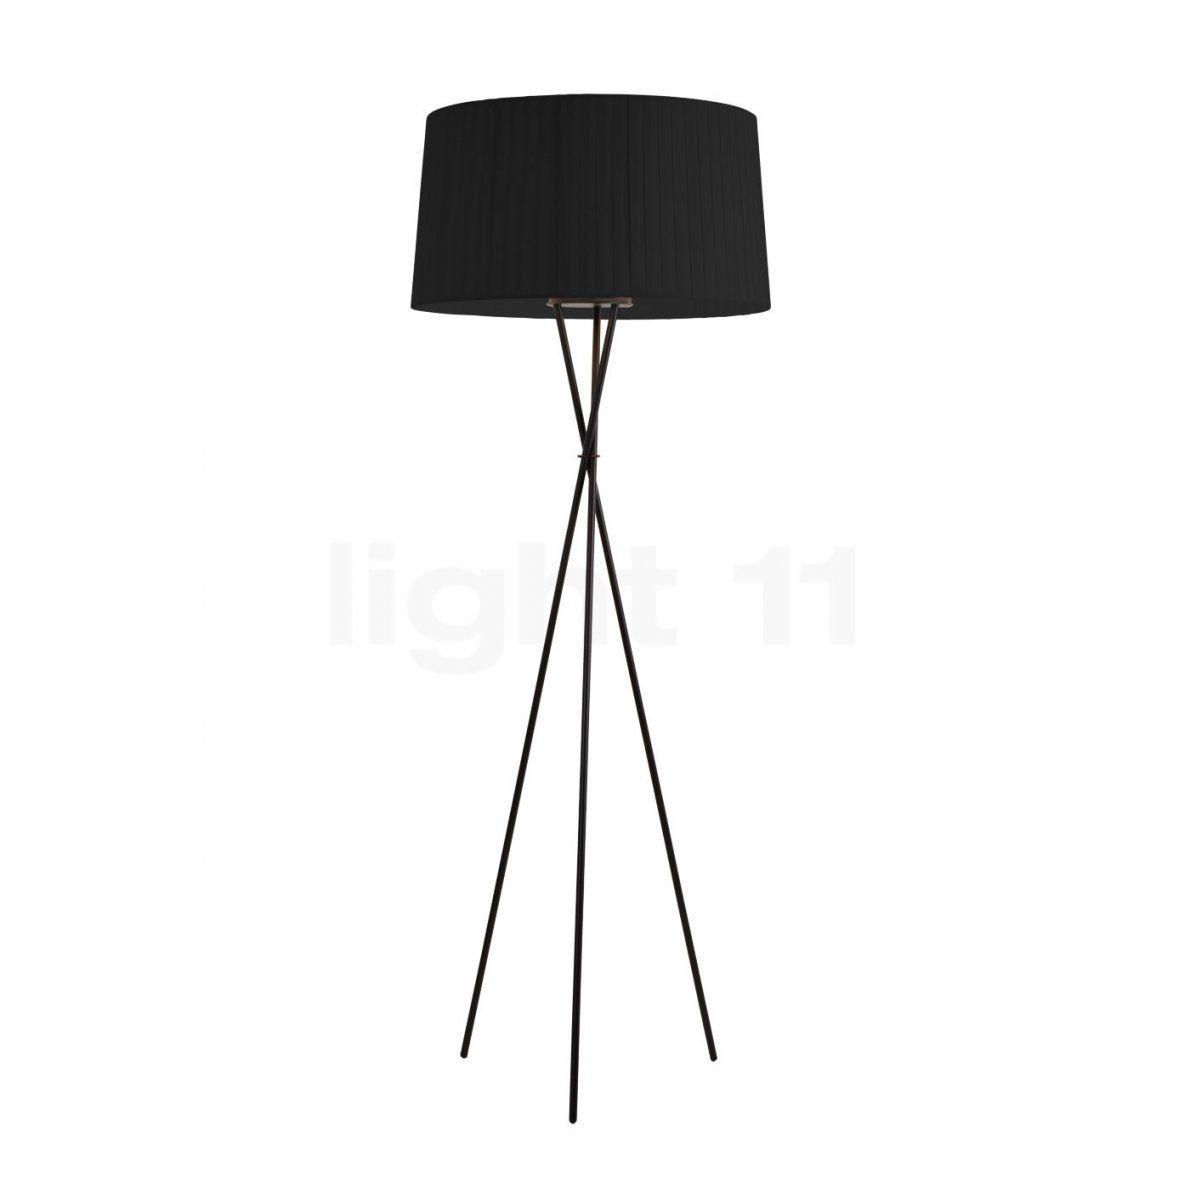 Stehlampe 3 Beine Awesome Santa U Cole Tripode G Schwarz Tgtgp With von Stehlampe Mit 3 Beinen Bild